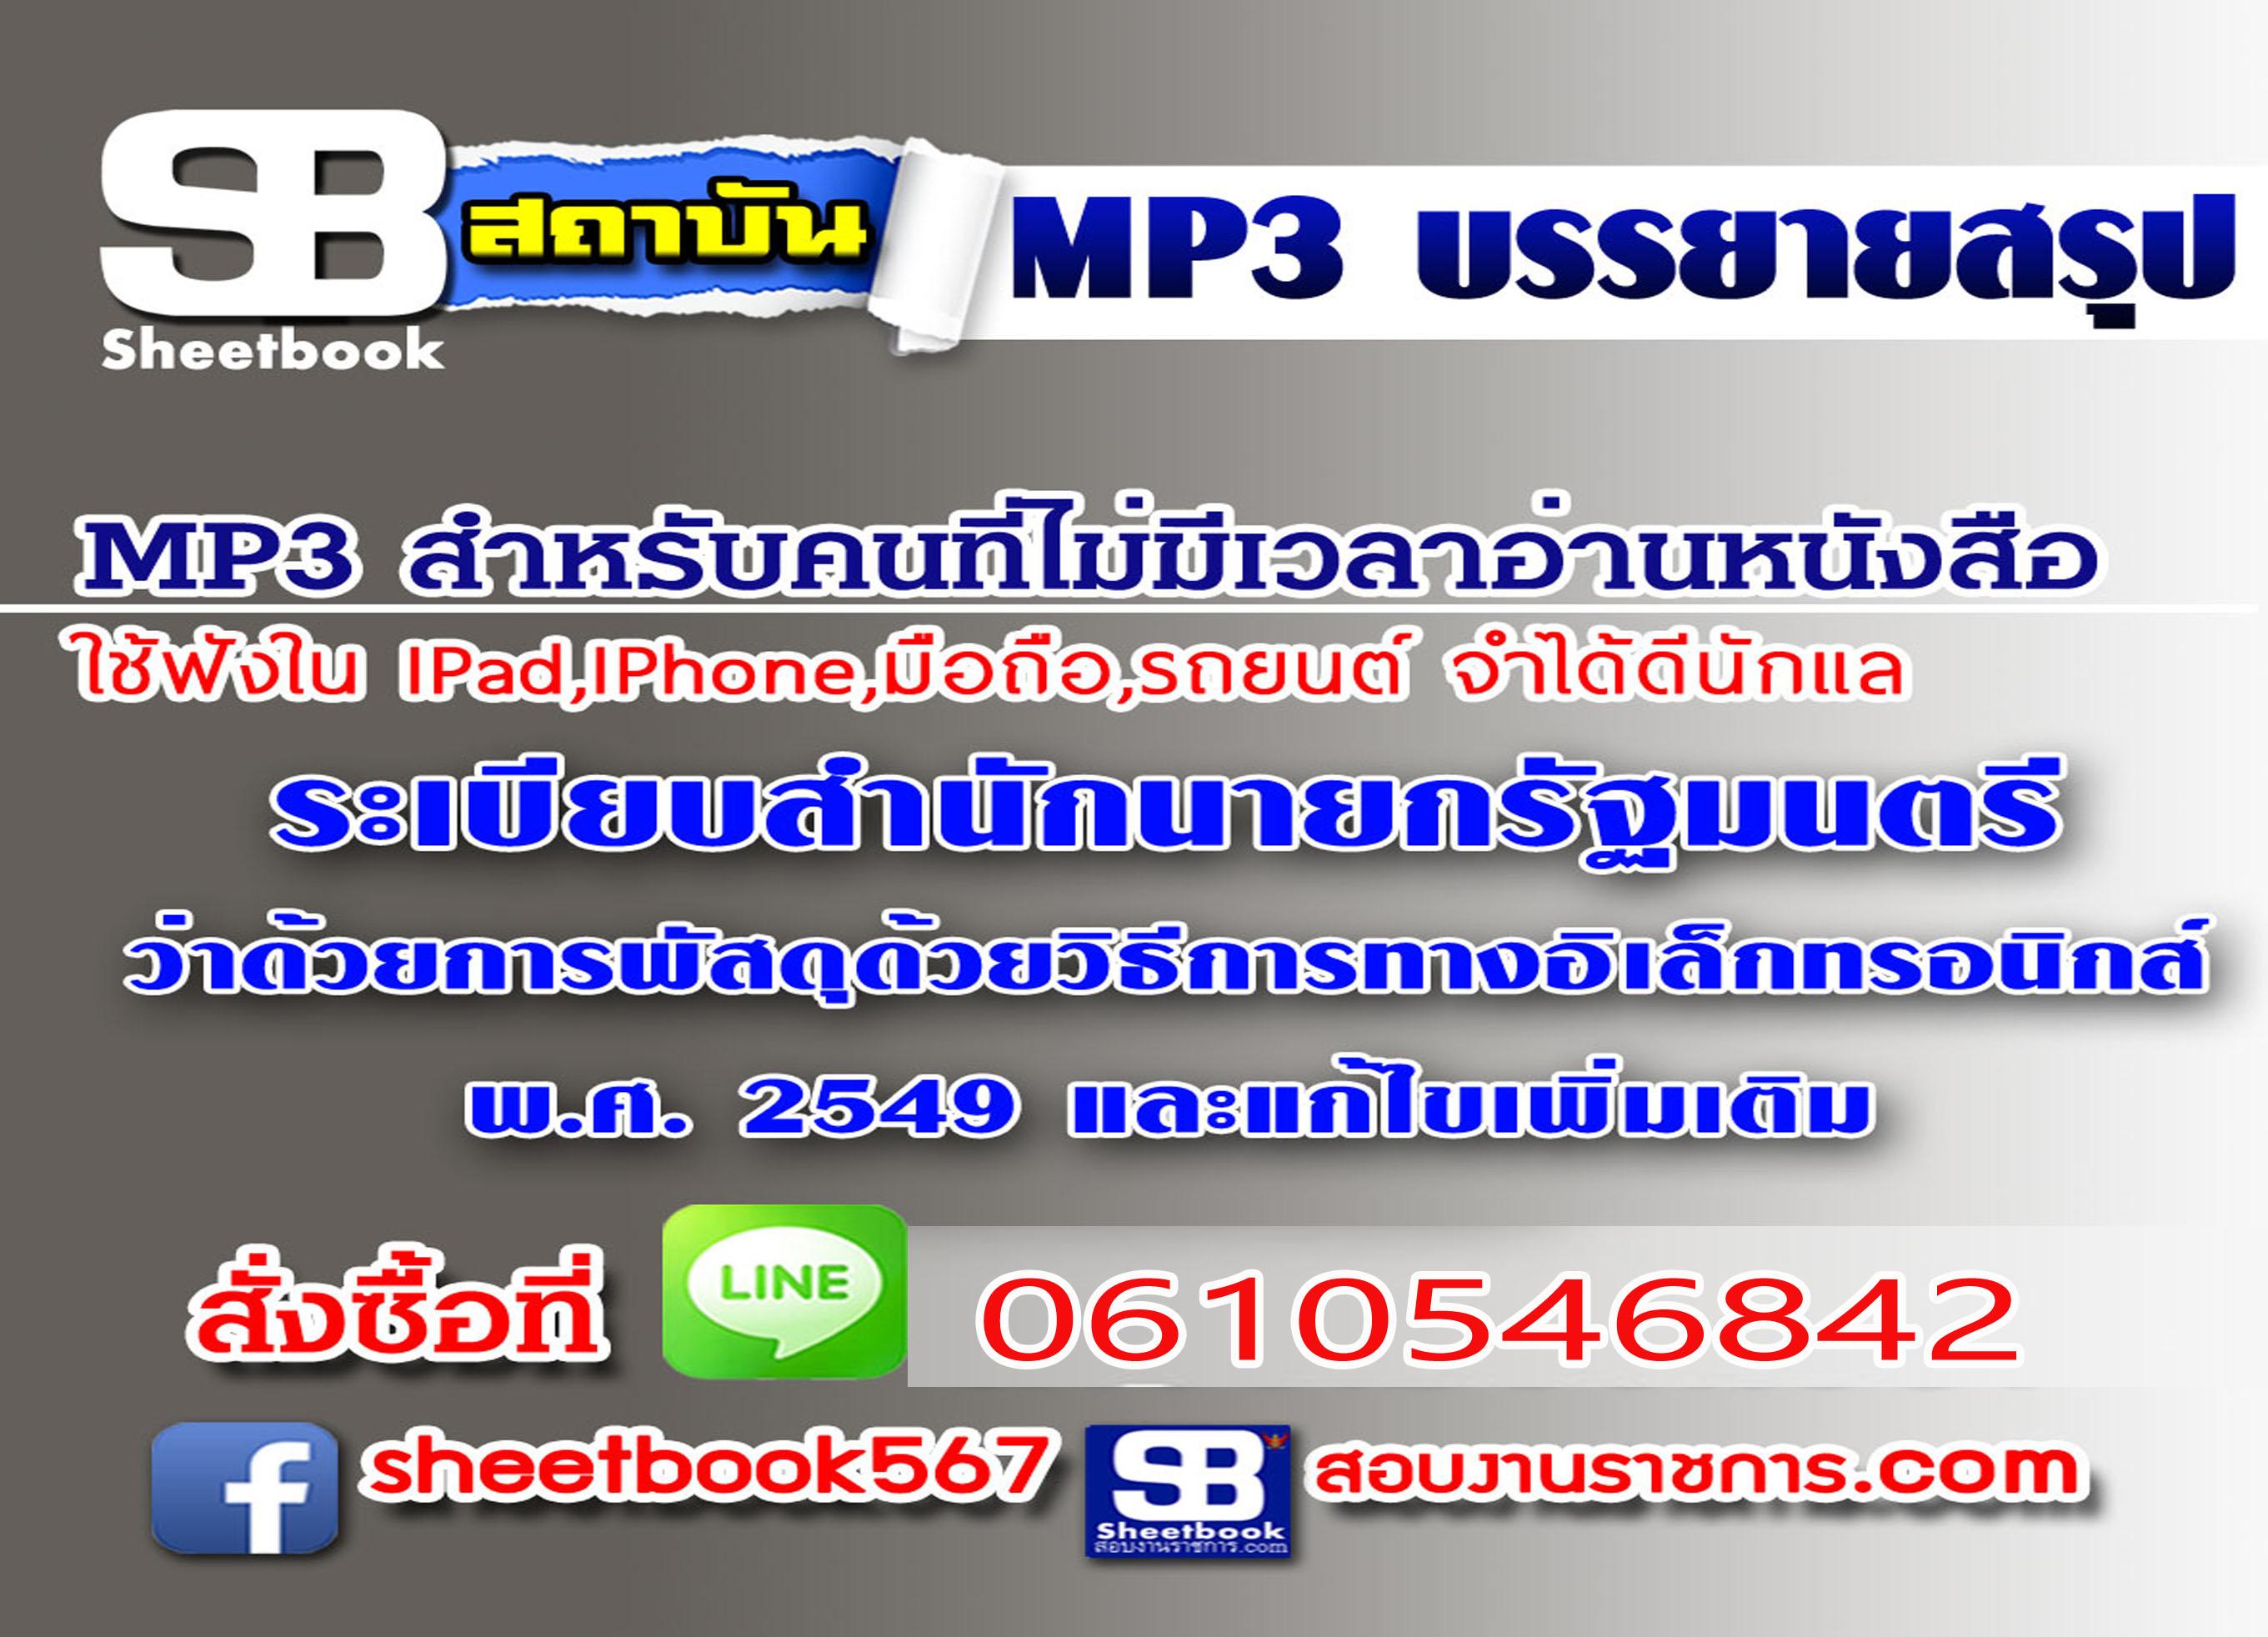 P053 - ระเบียบสำนักนายกรัฐมนตรี ว่าด้วยการพัสดุด้วยวิธีการทางอิเล็กทรอนิกส์ พ.ศ. 2549